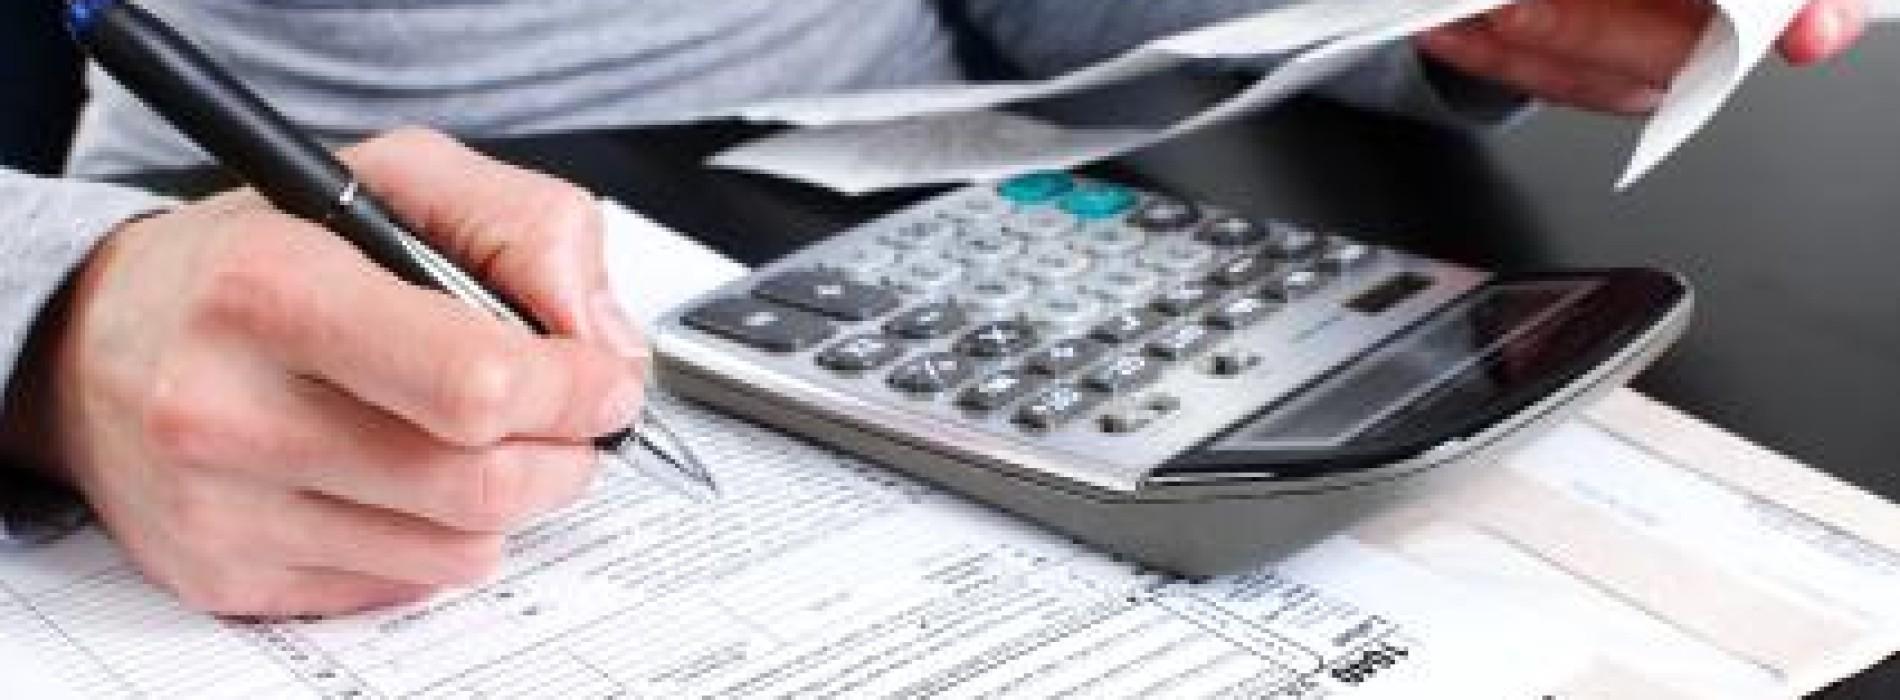 Inwestorze, nadszedł czas podzielenia się z fiskusem